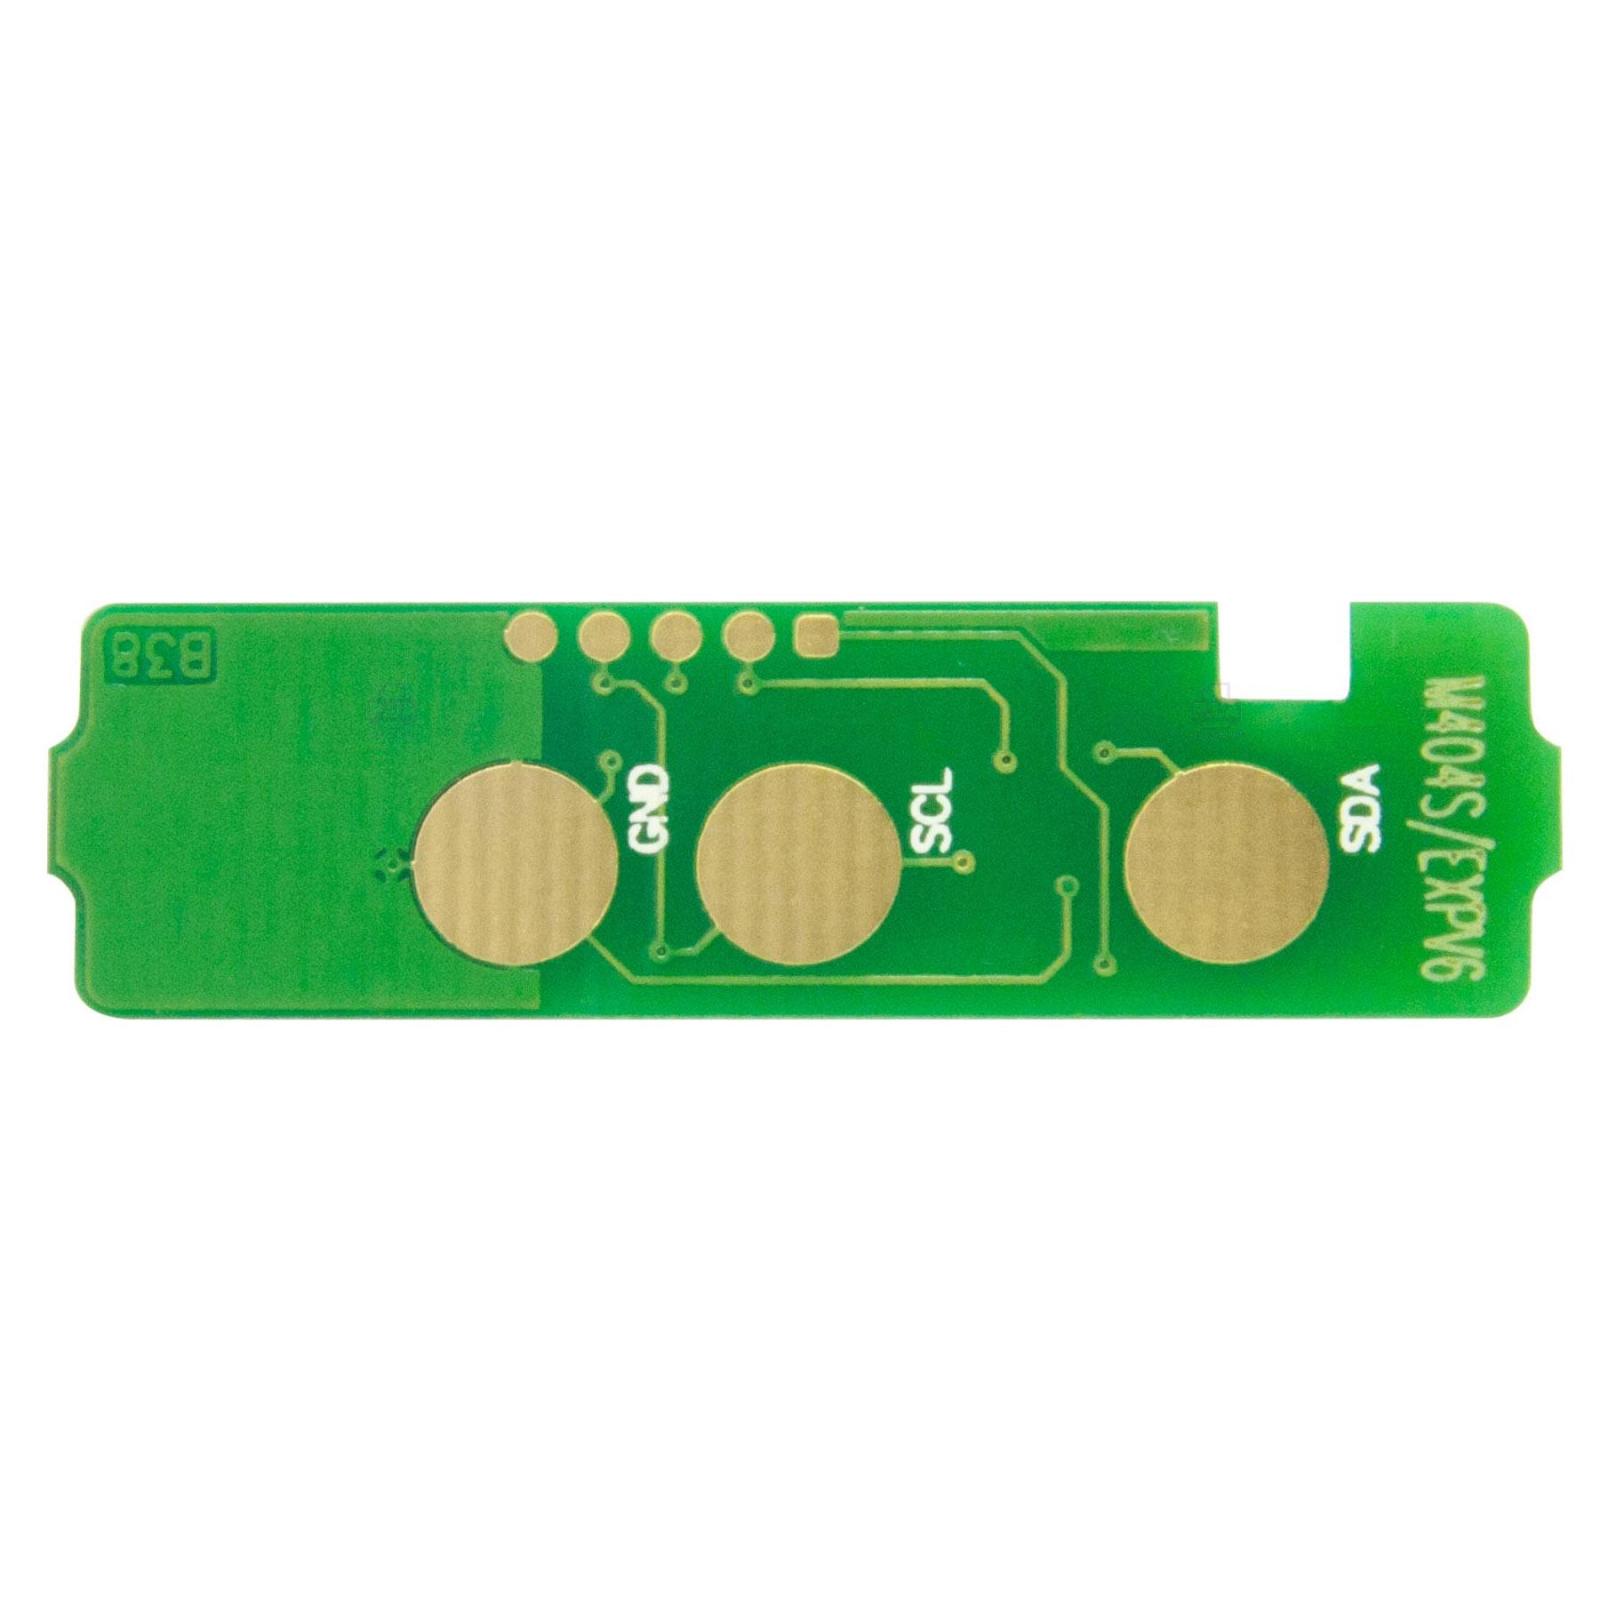 Чип для картриджа Samsung SL-C430W/С480W (1К) Cyan BASF (BASF-CH-C404S) изображение 2